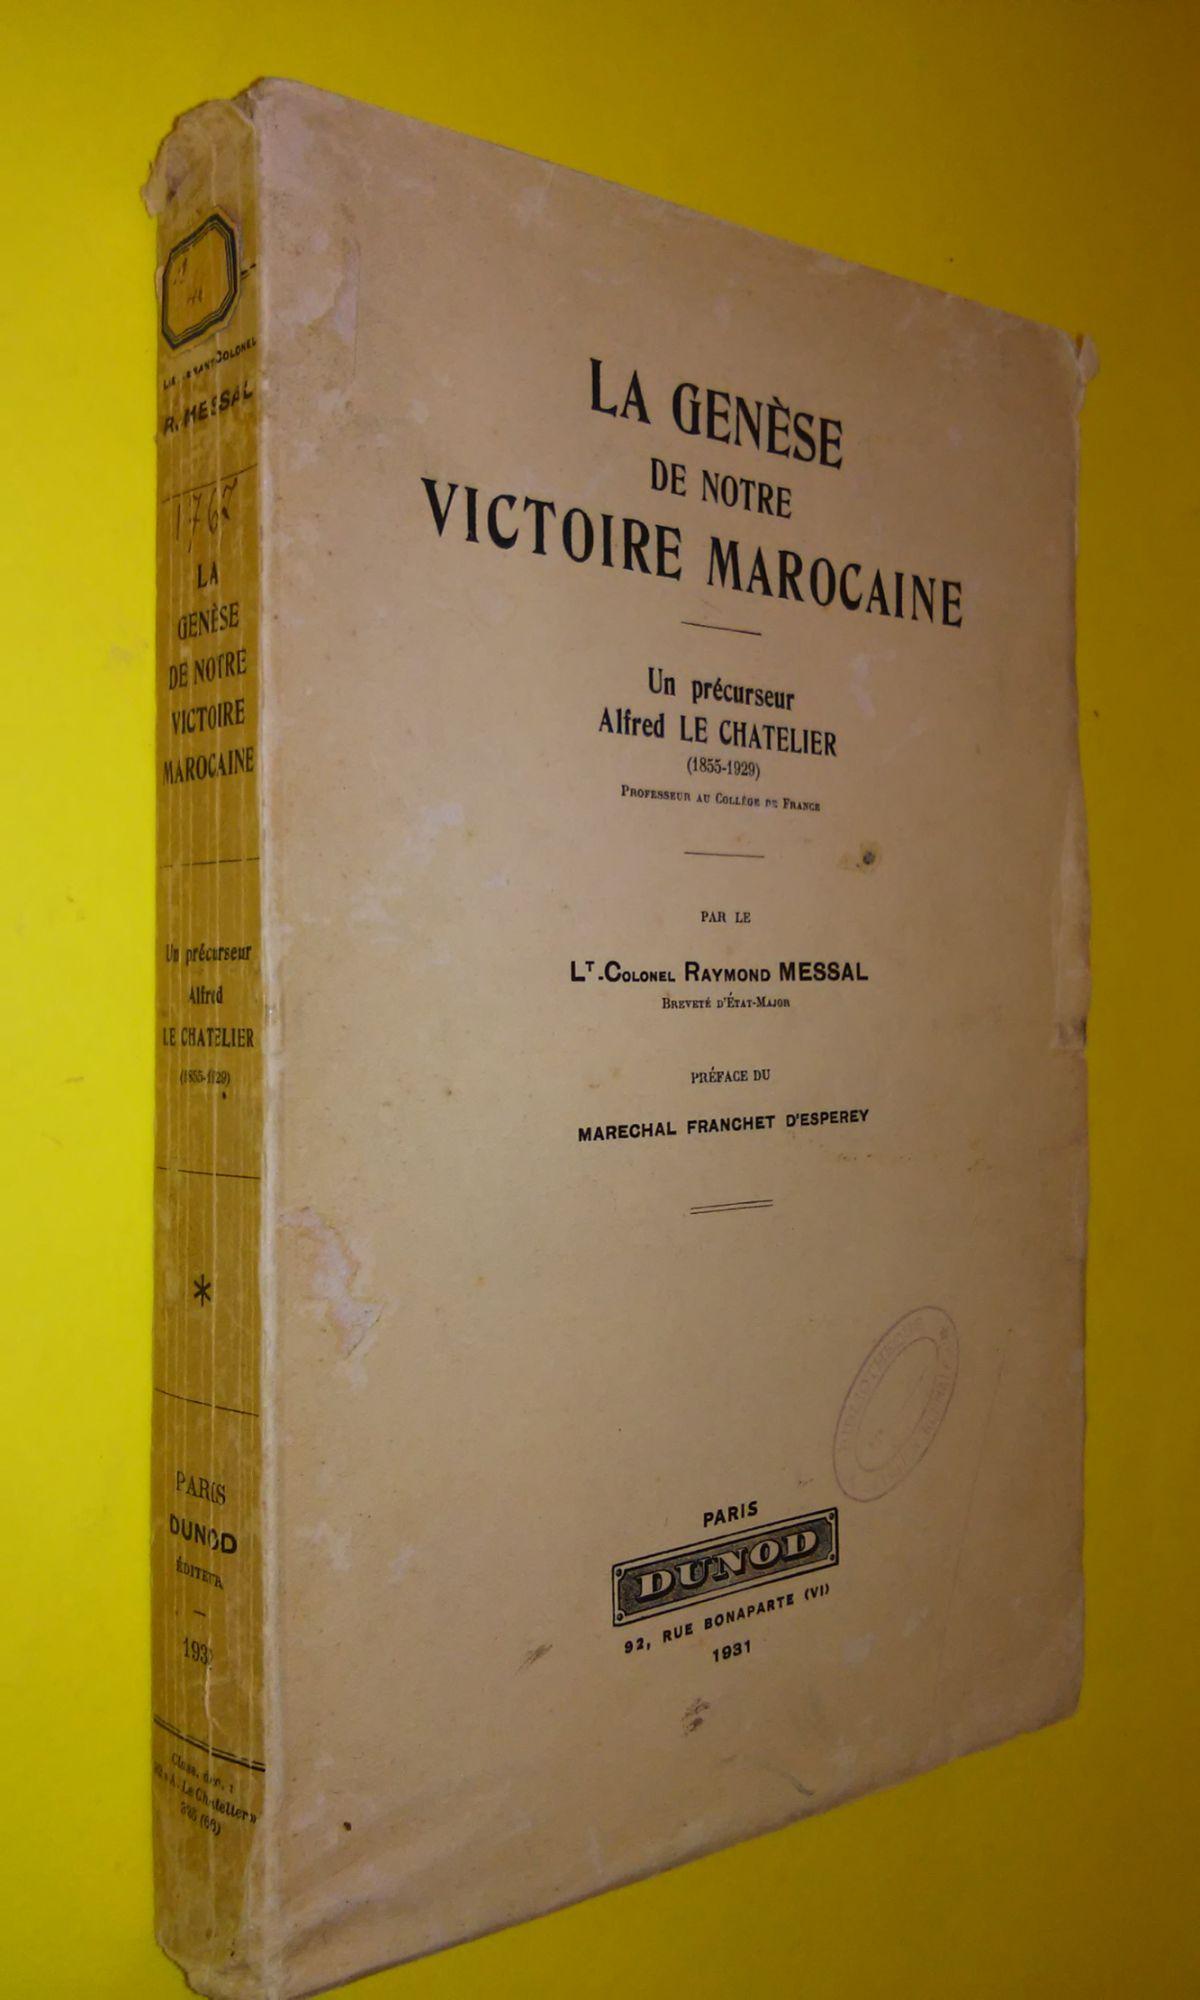 La Genèse de notre victoire marocaine. Un précurseur - Alfred Le Chatelier (1855-1929). [MESSAL Lt. col. Raymond]